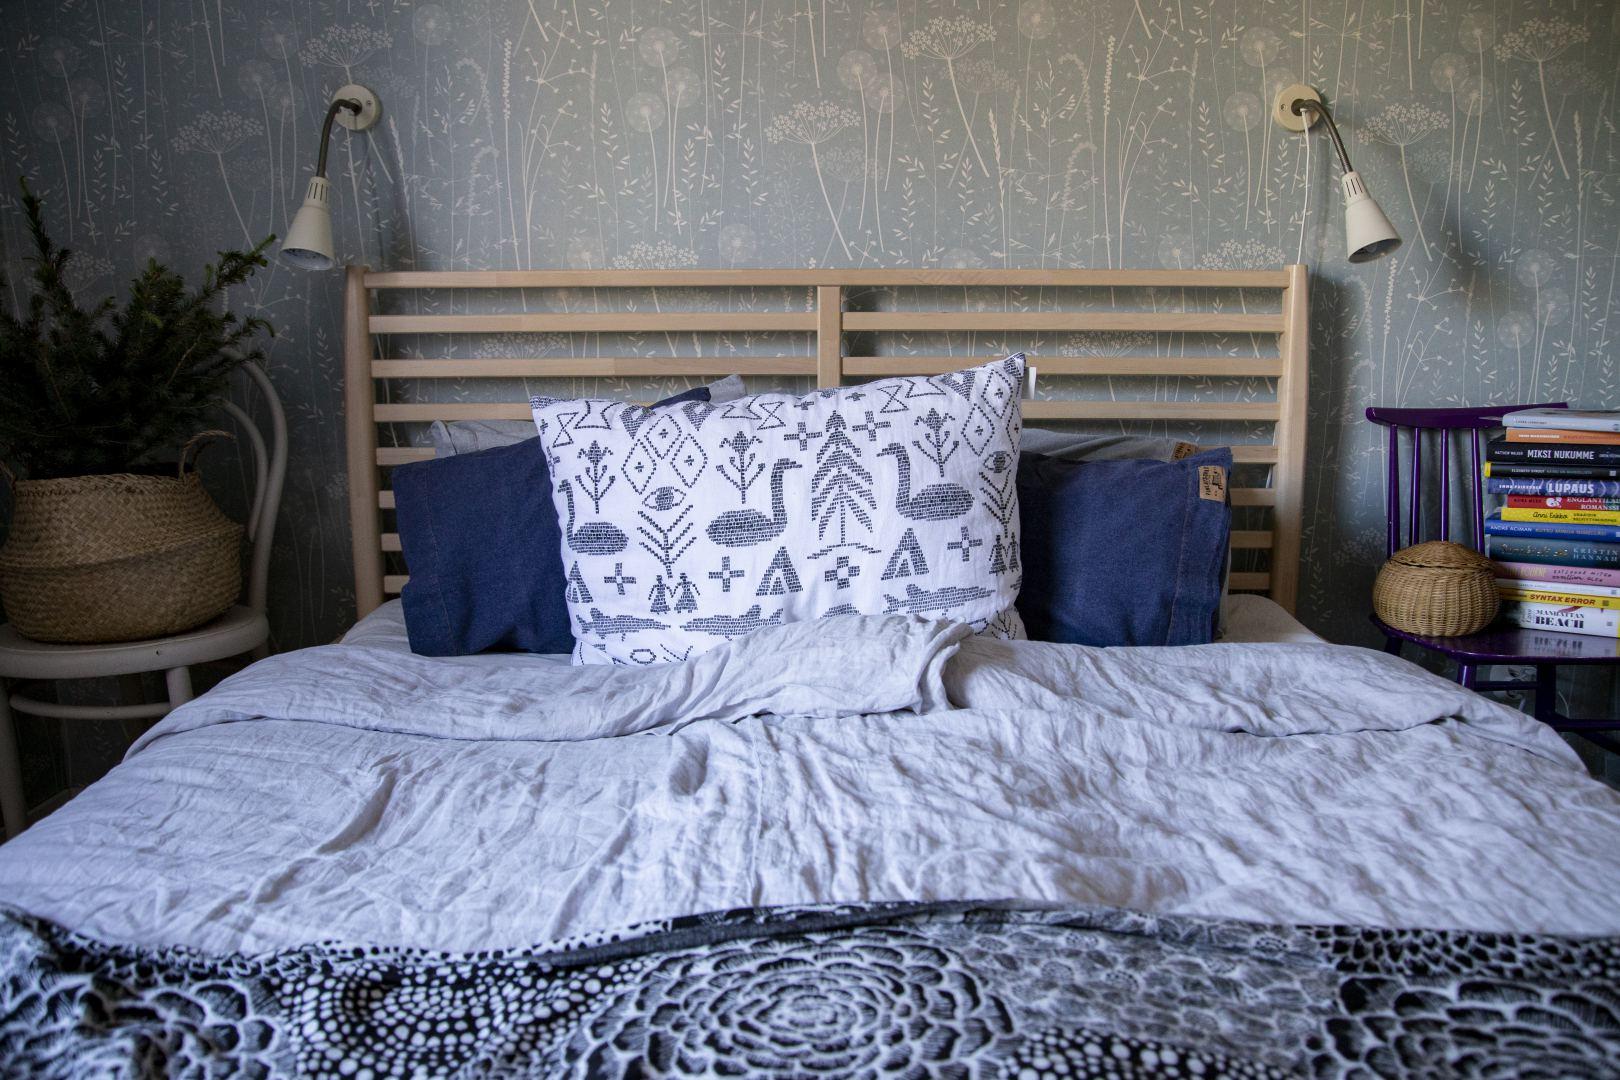 Lahiomutsi Nukkuminen Uni Makuuhuone Aikuisten Unikoulu-4971